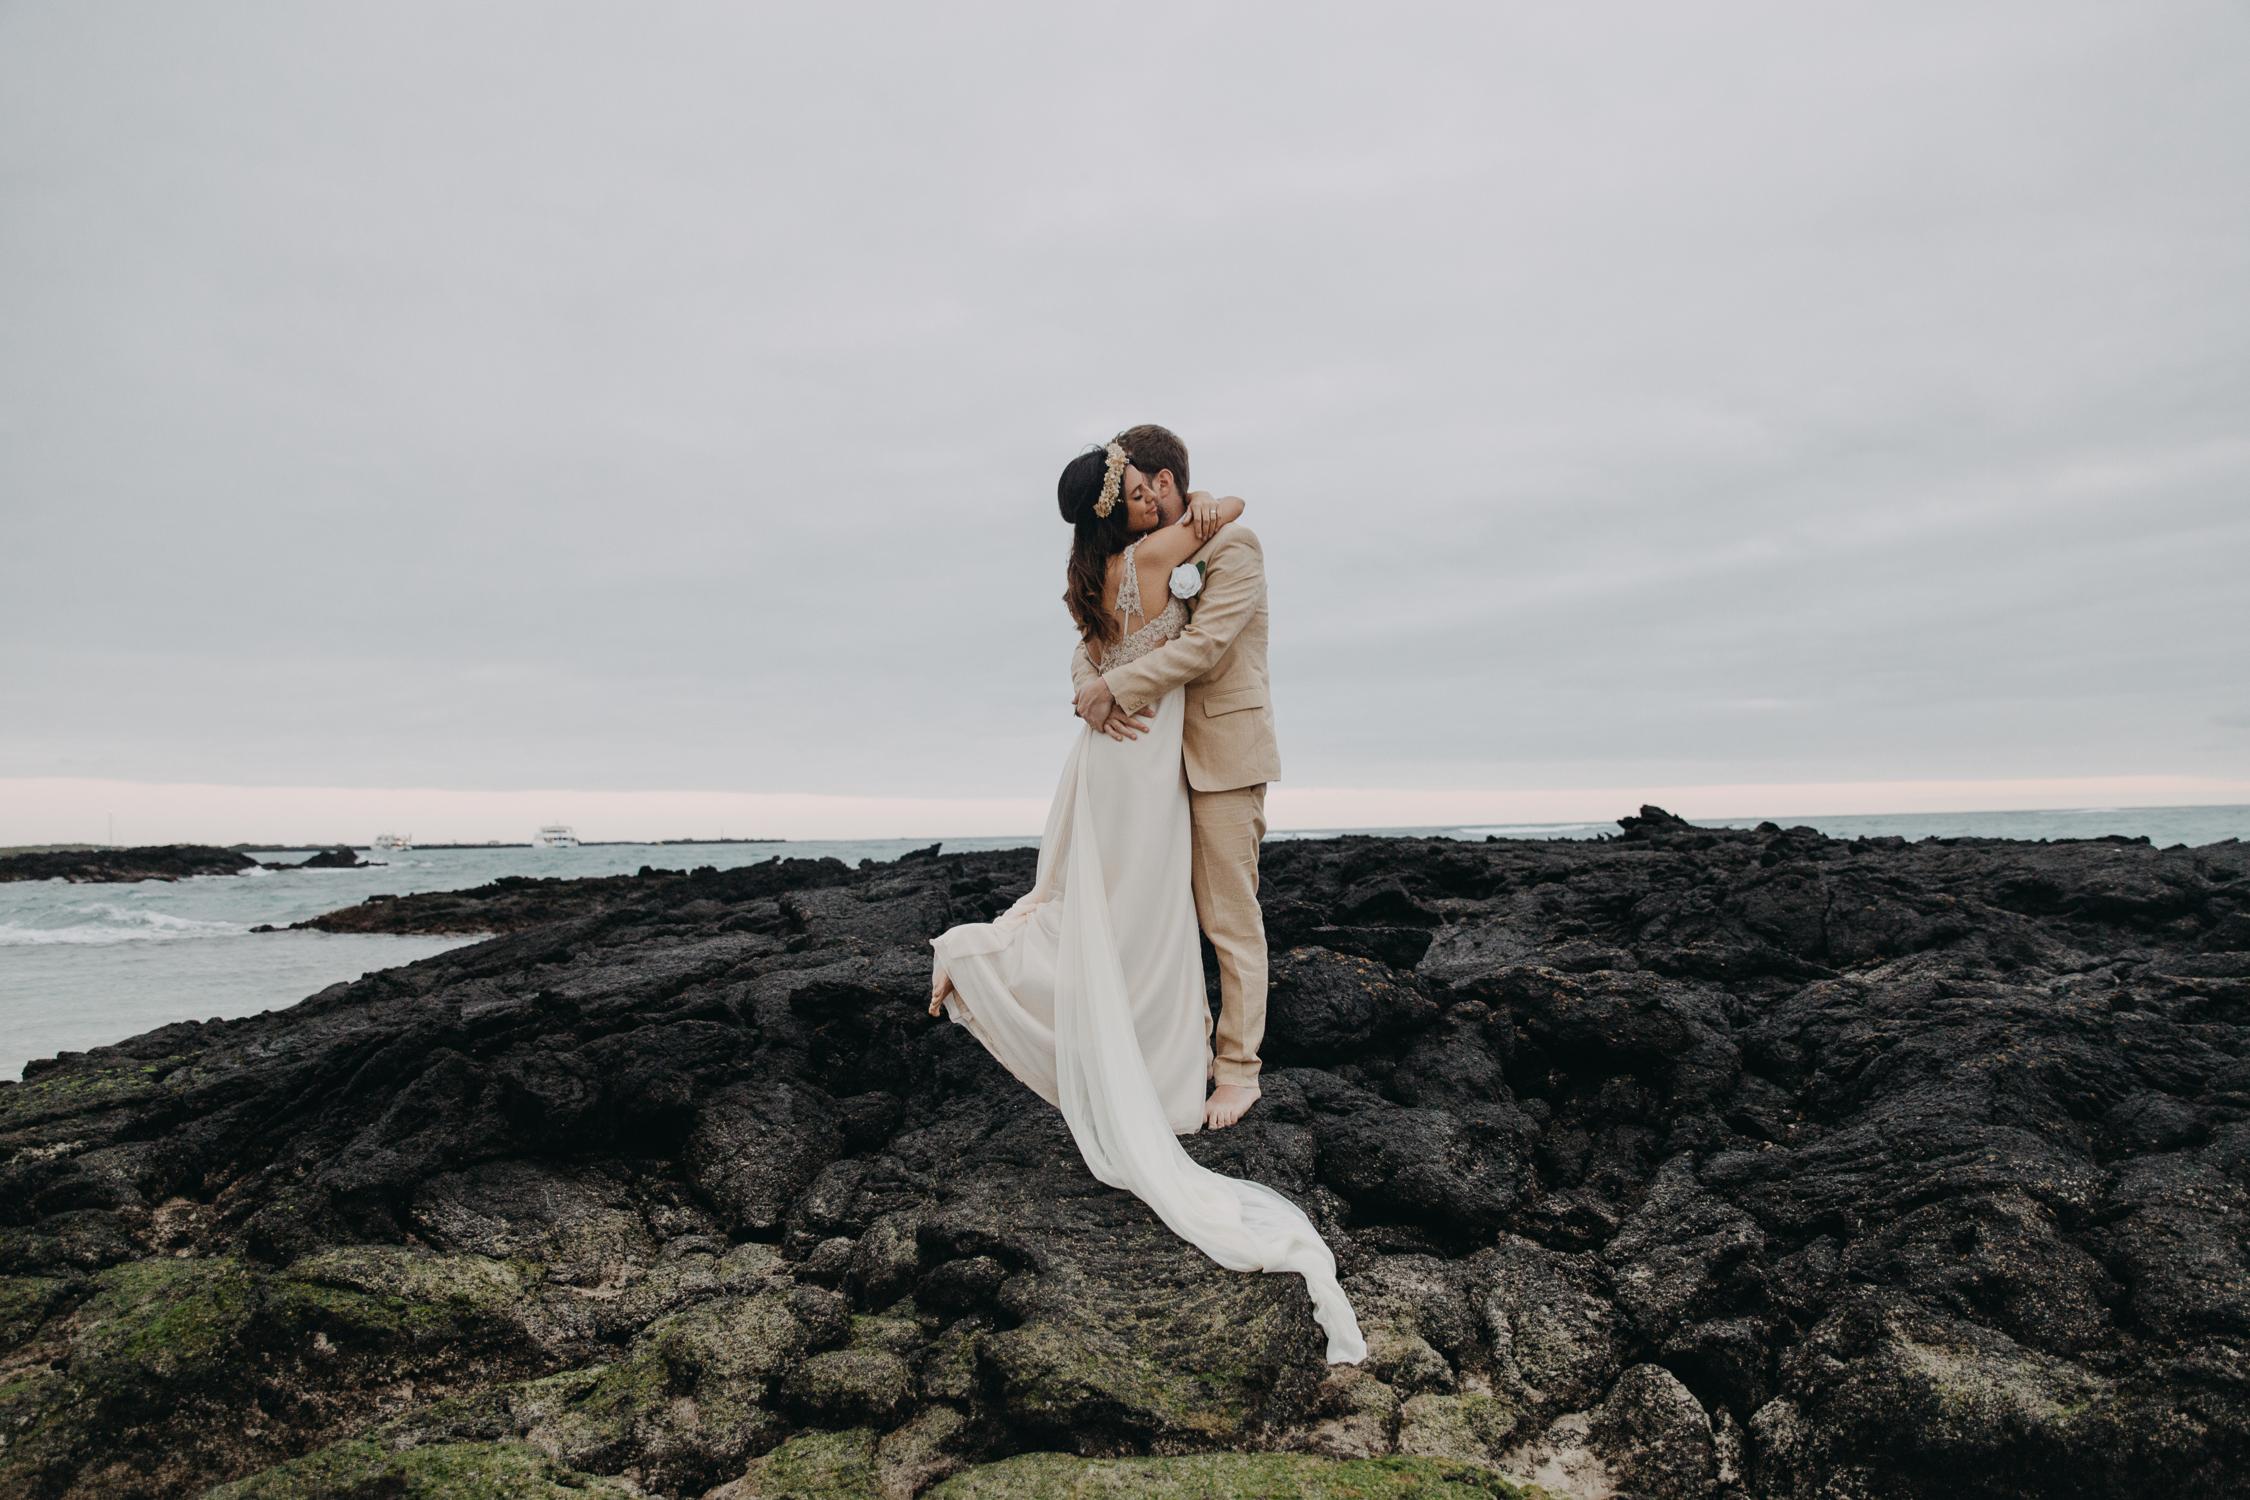 Michelle-Agurto-Fotografia-Bodas-Ecuador-Destination-Wedding-Photographer-Galapagos-Andrea-Joaquin-244.JPG